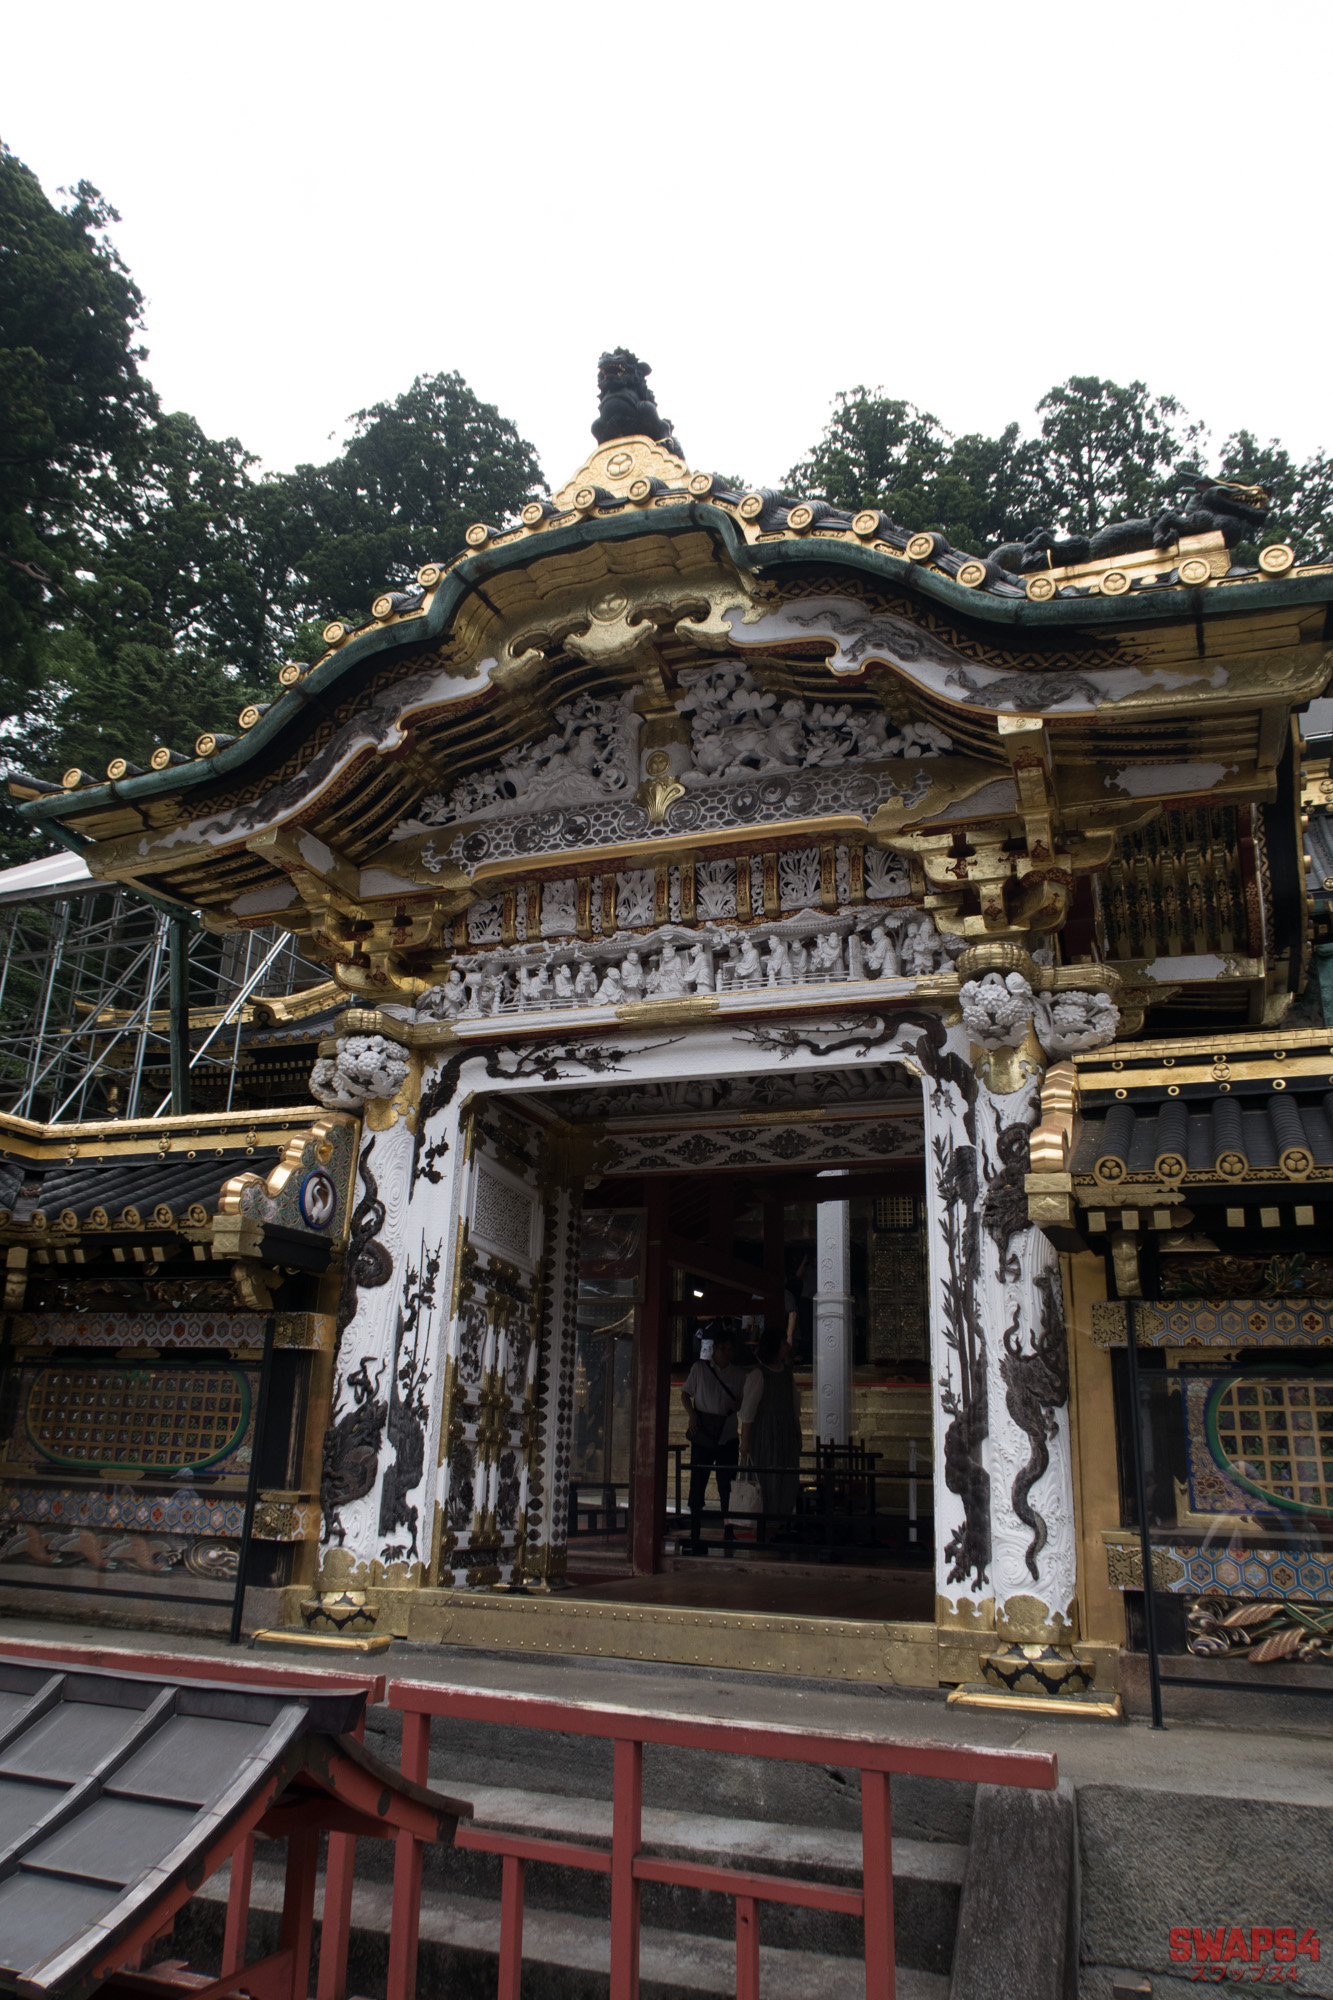 Nikko Toshogu Shrine in Japan 0044 - Swaps4